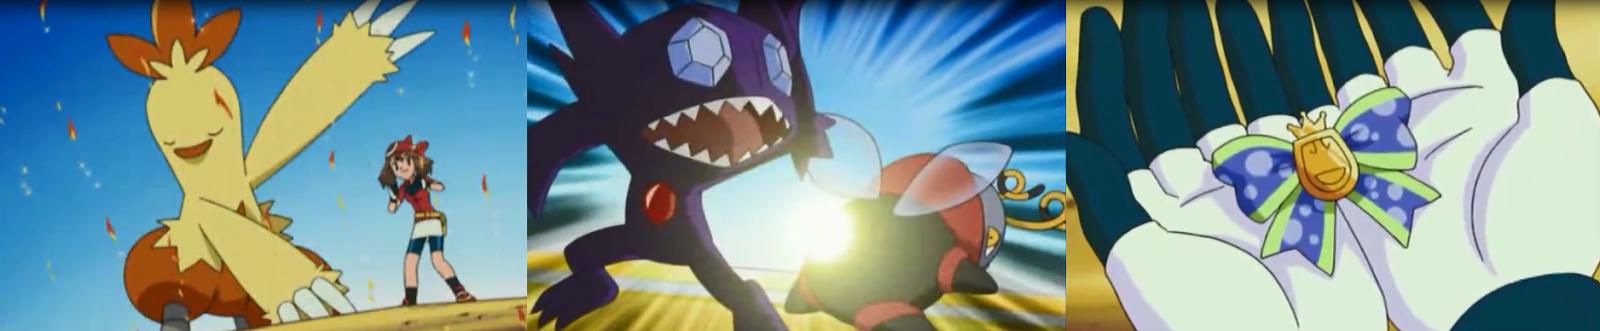 Pokémon -  Capítulo 51 - Temporada 7 - Audio Latino